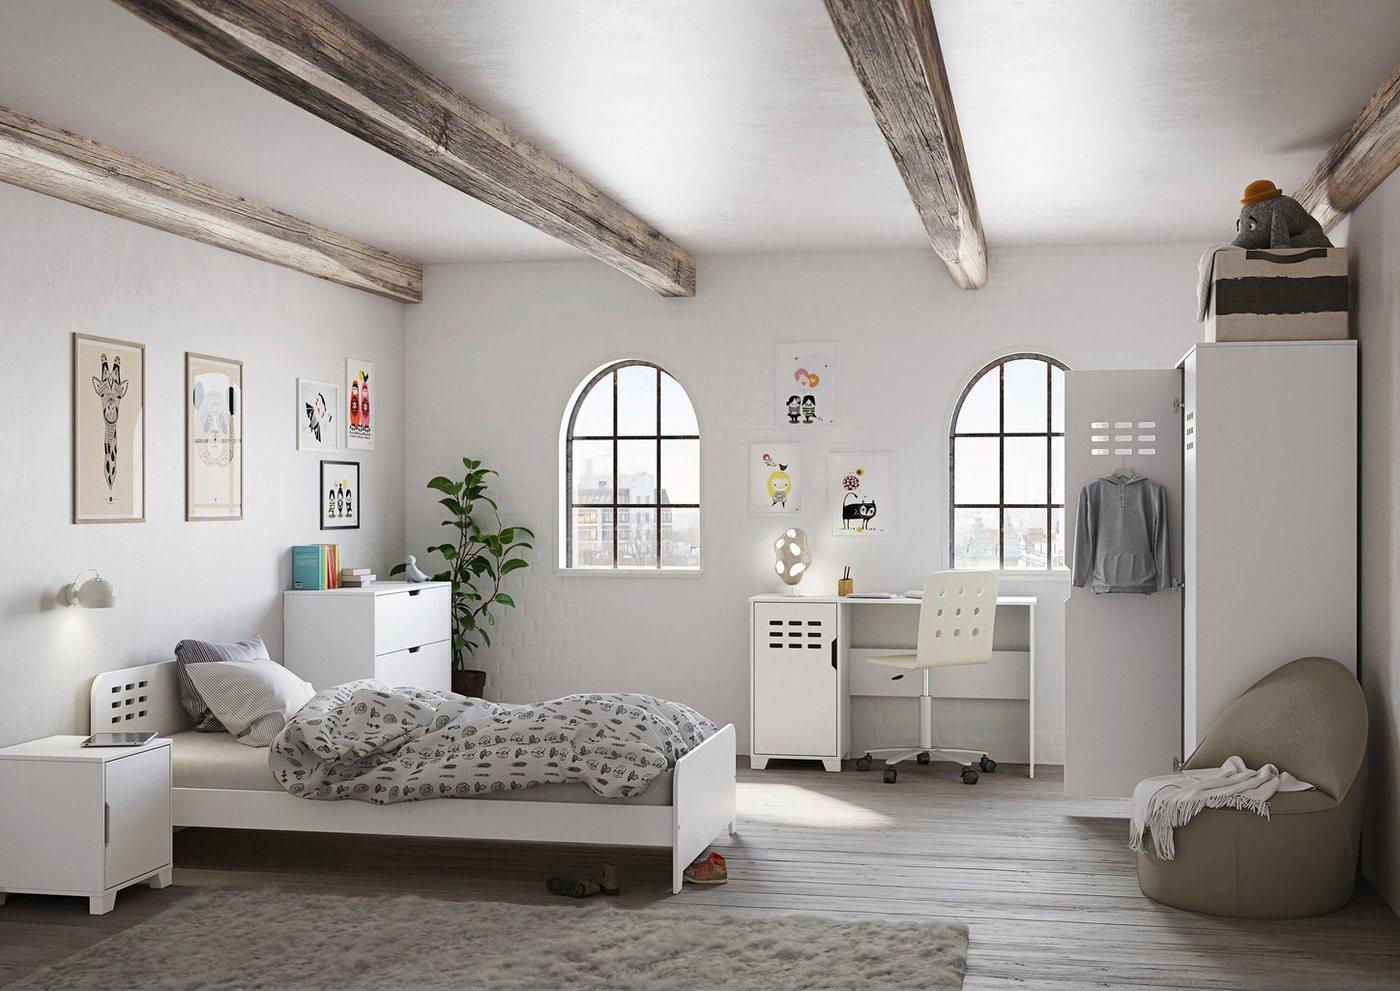 STEENS Drehtürenschrank »Loke« Kleiderschrank für das Jugendzimmer, weiß